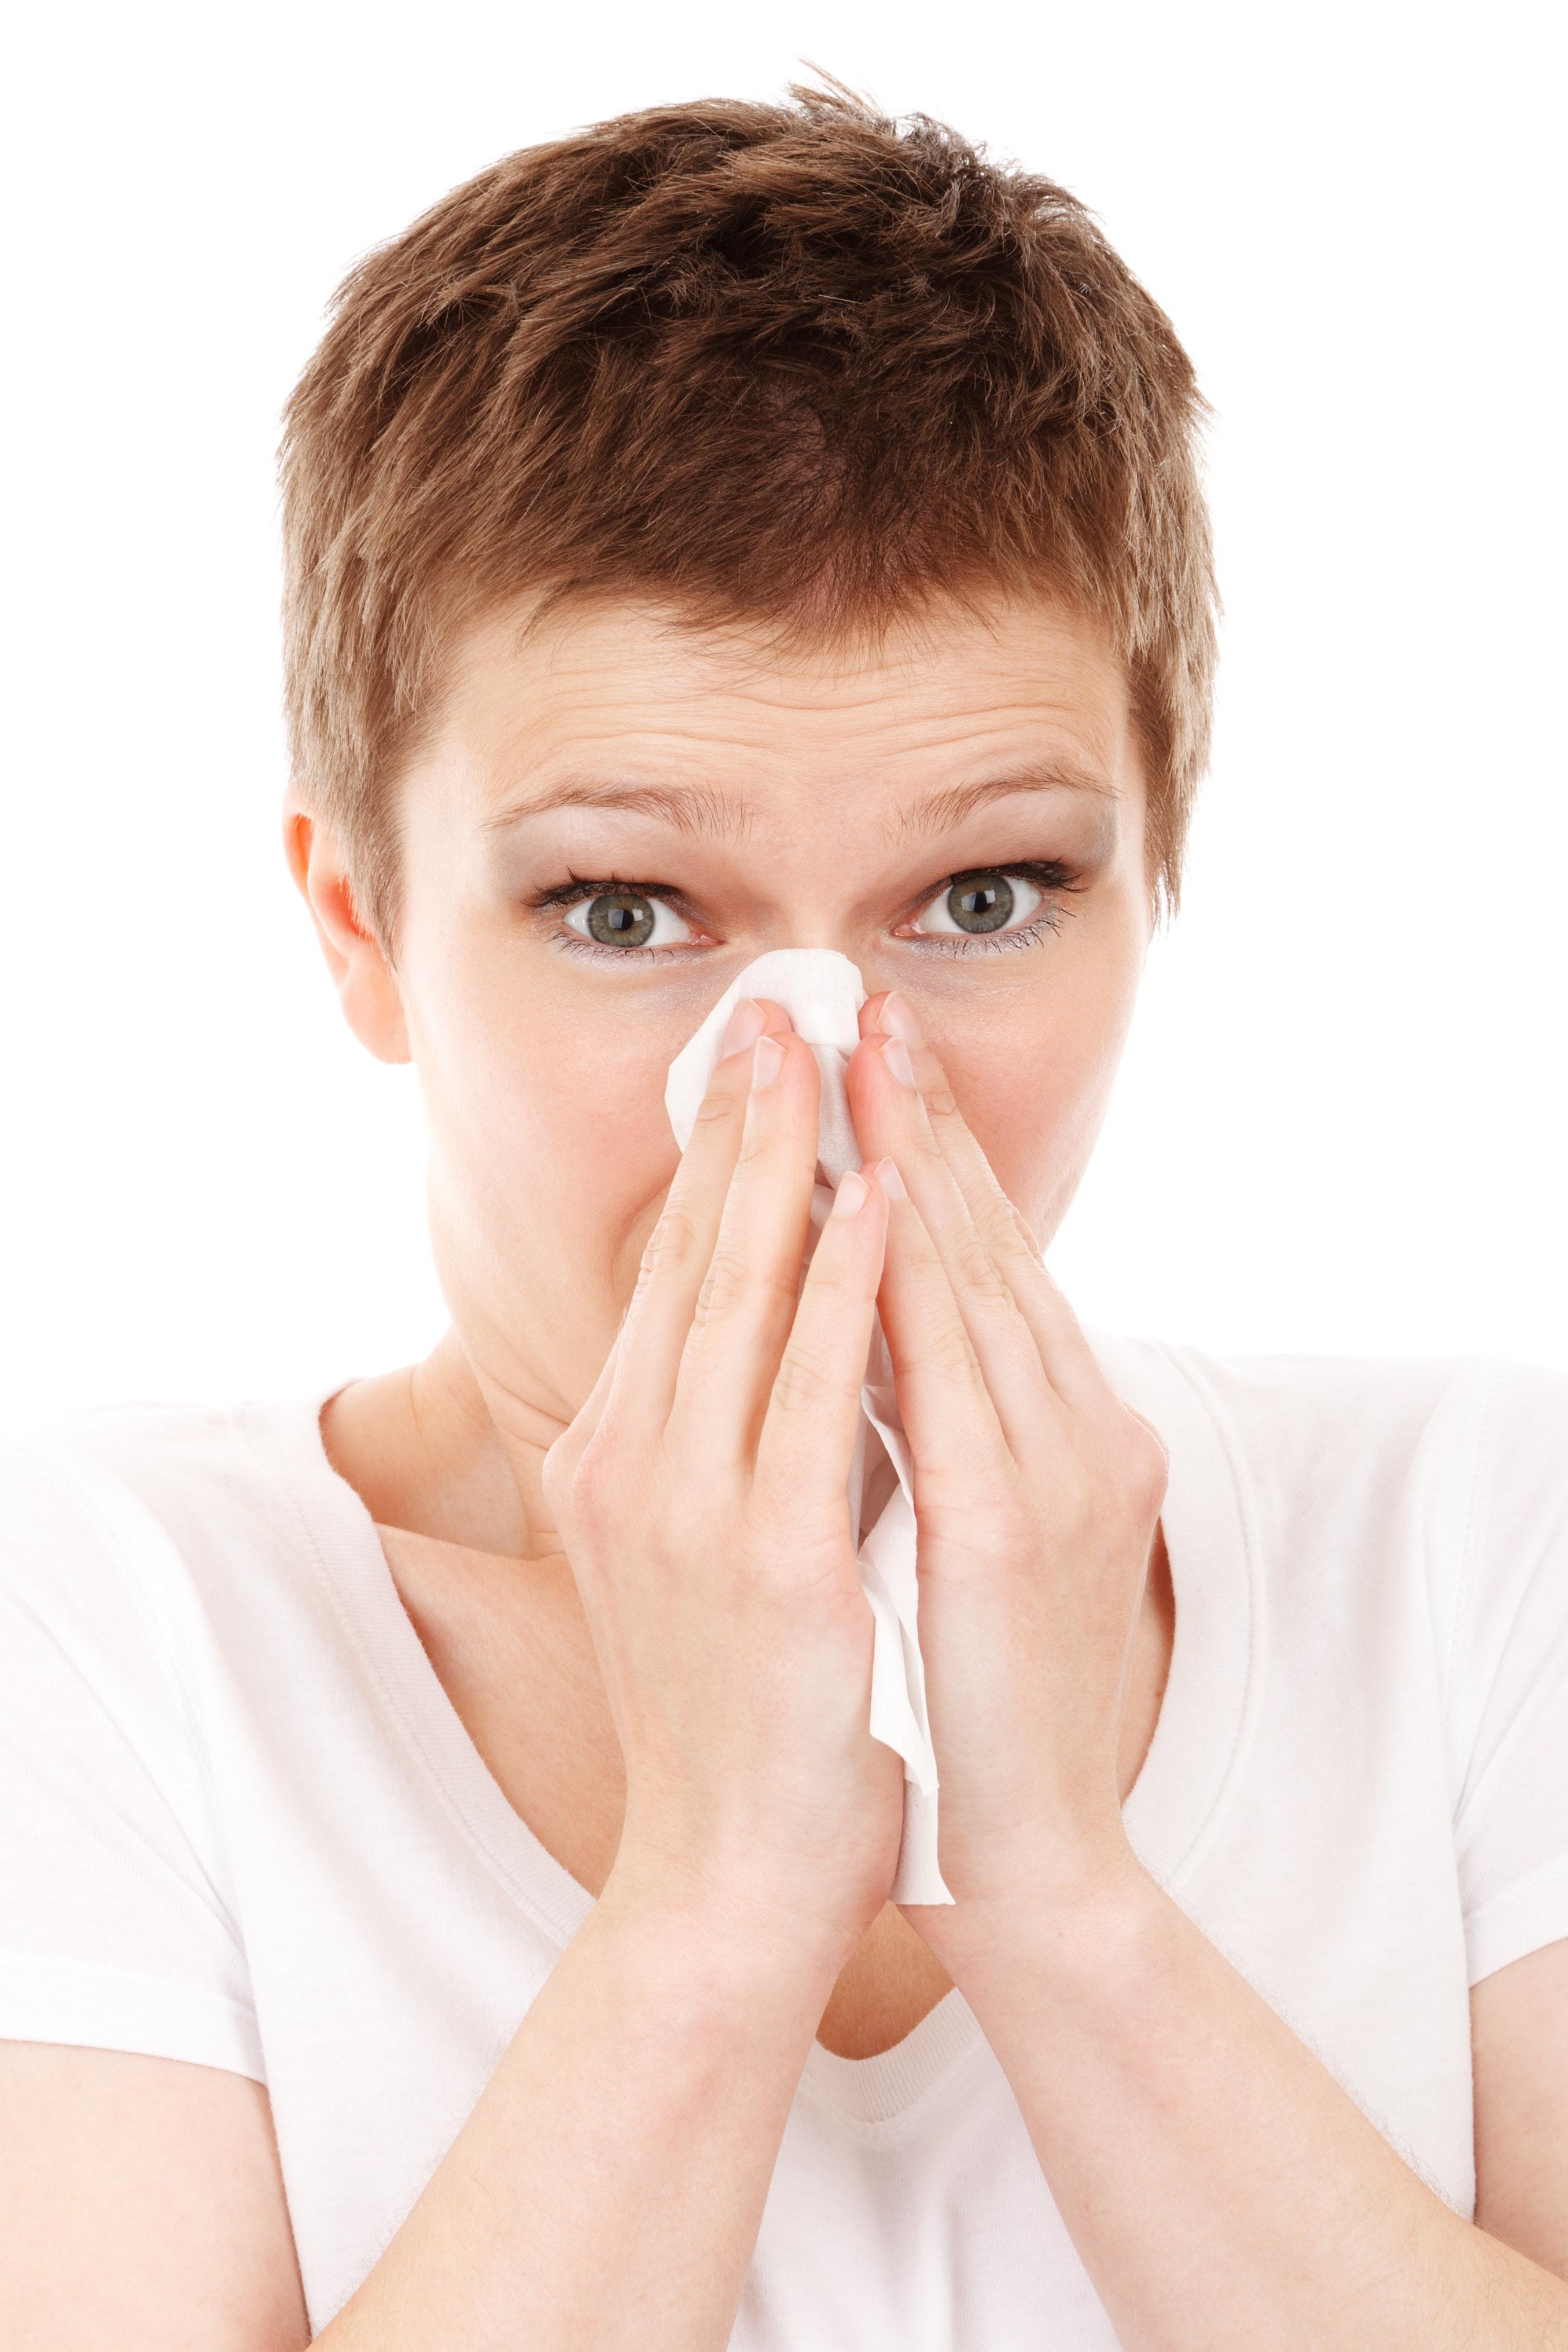 NAET Allergy Treatment